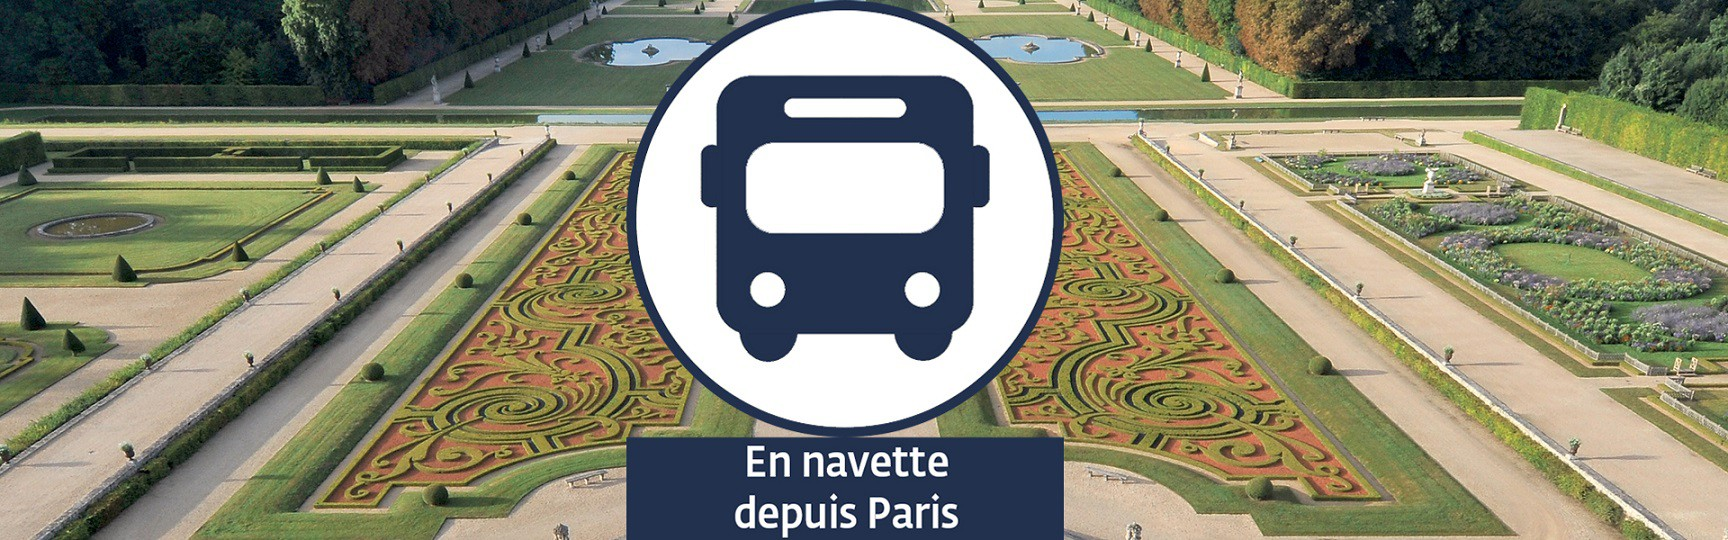 Venir en navette depuis Paris - transports